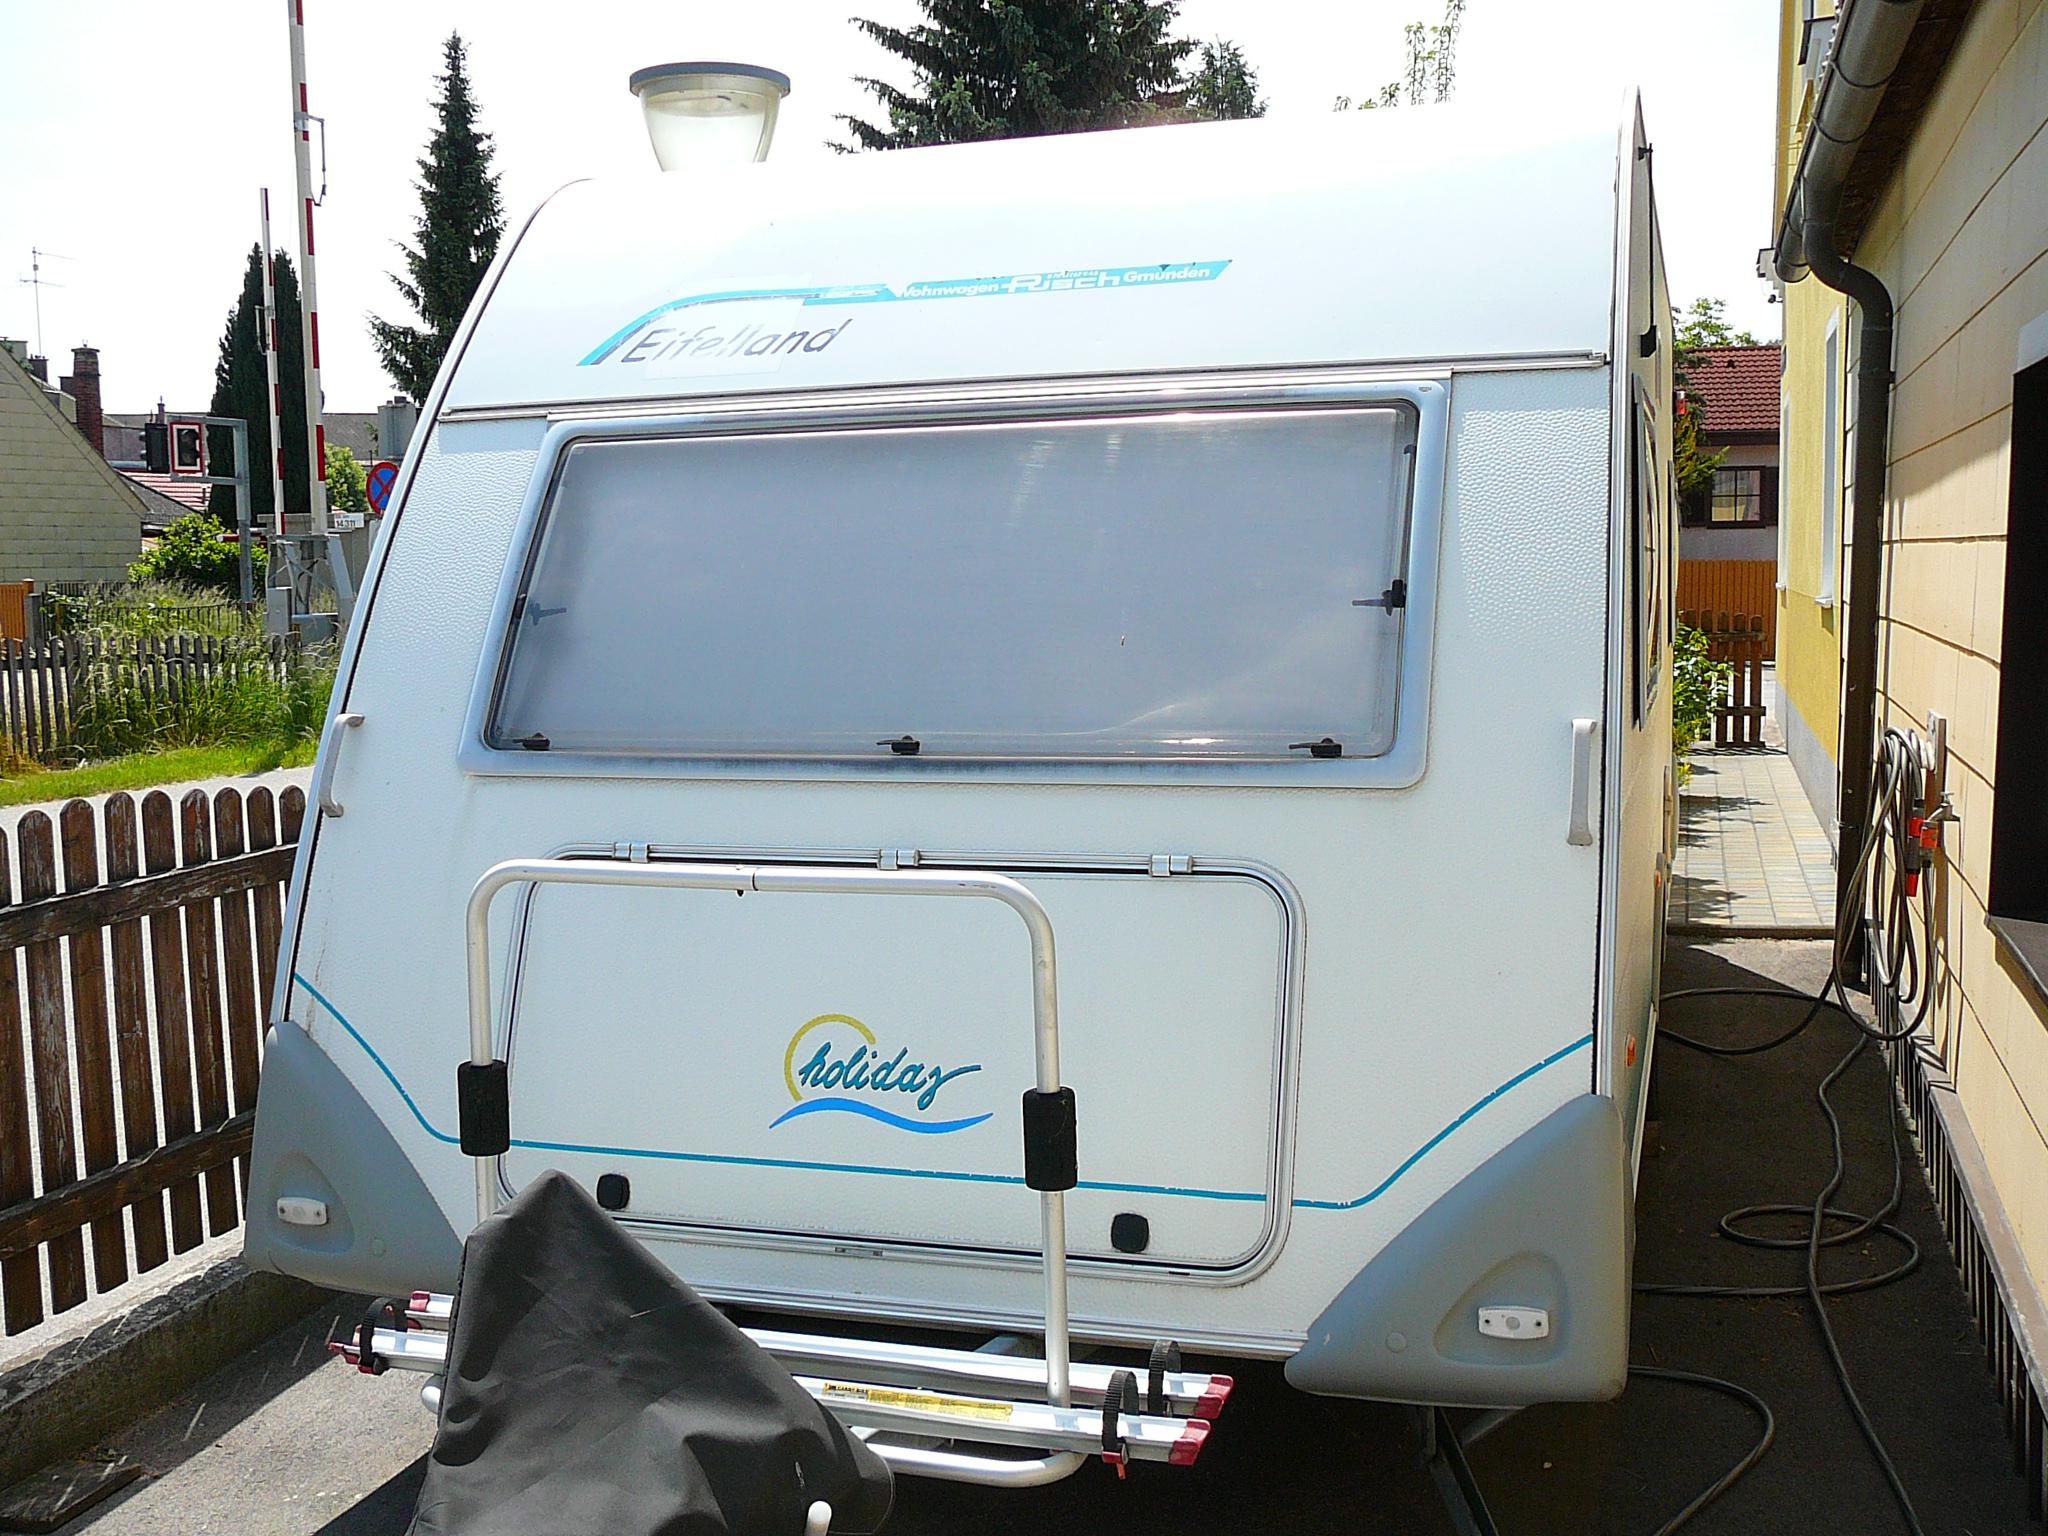 Wohnwagen Eifelland Mit Etagenbett : Eifelland holiday tk wohnwagen nord